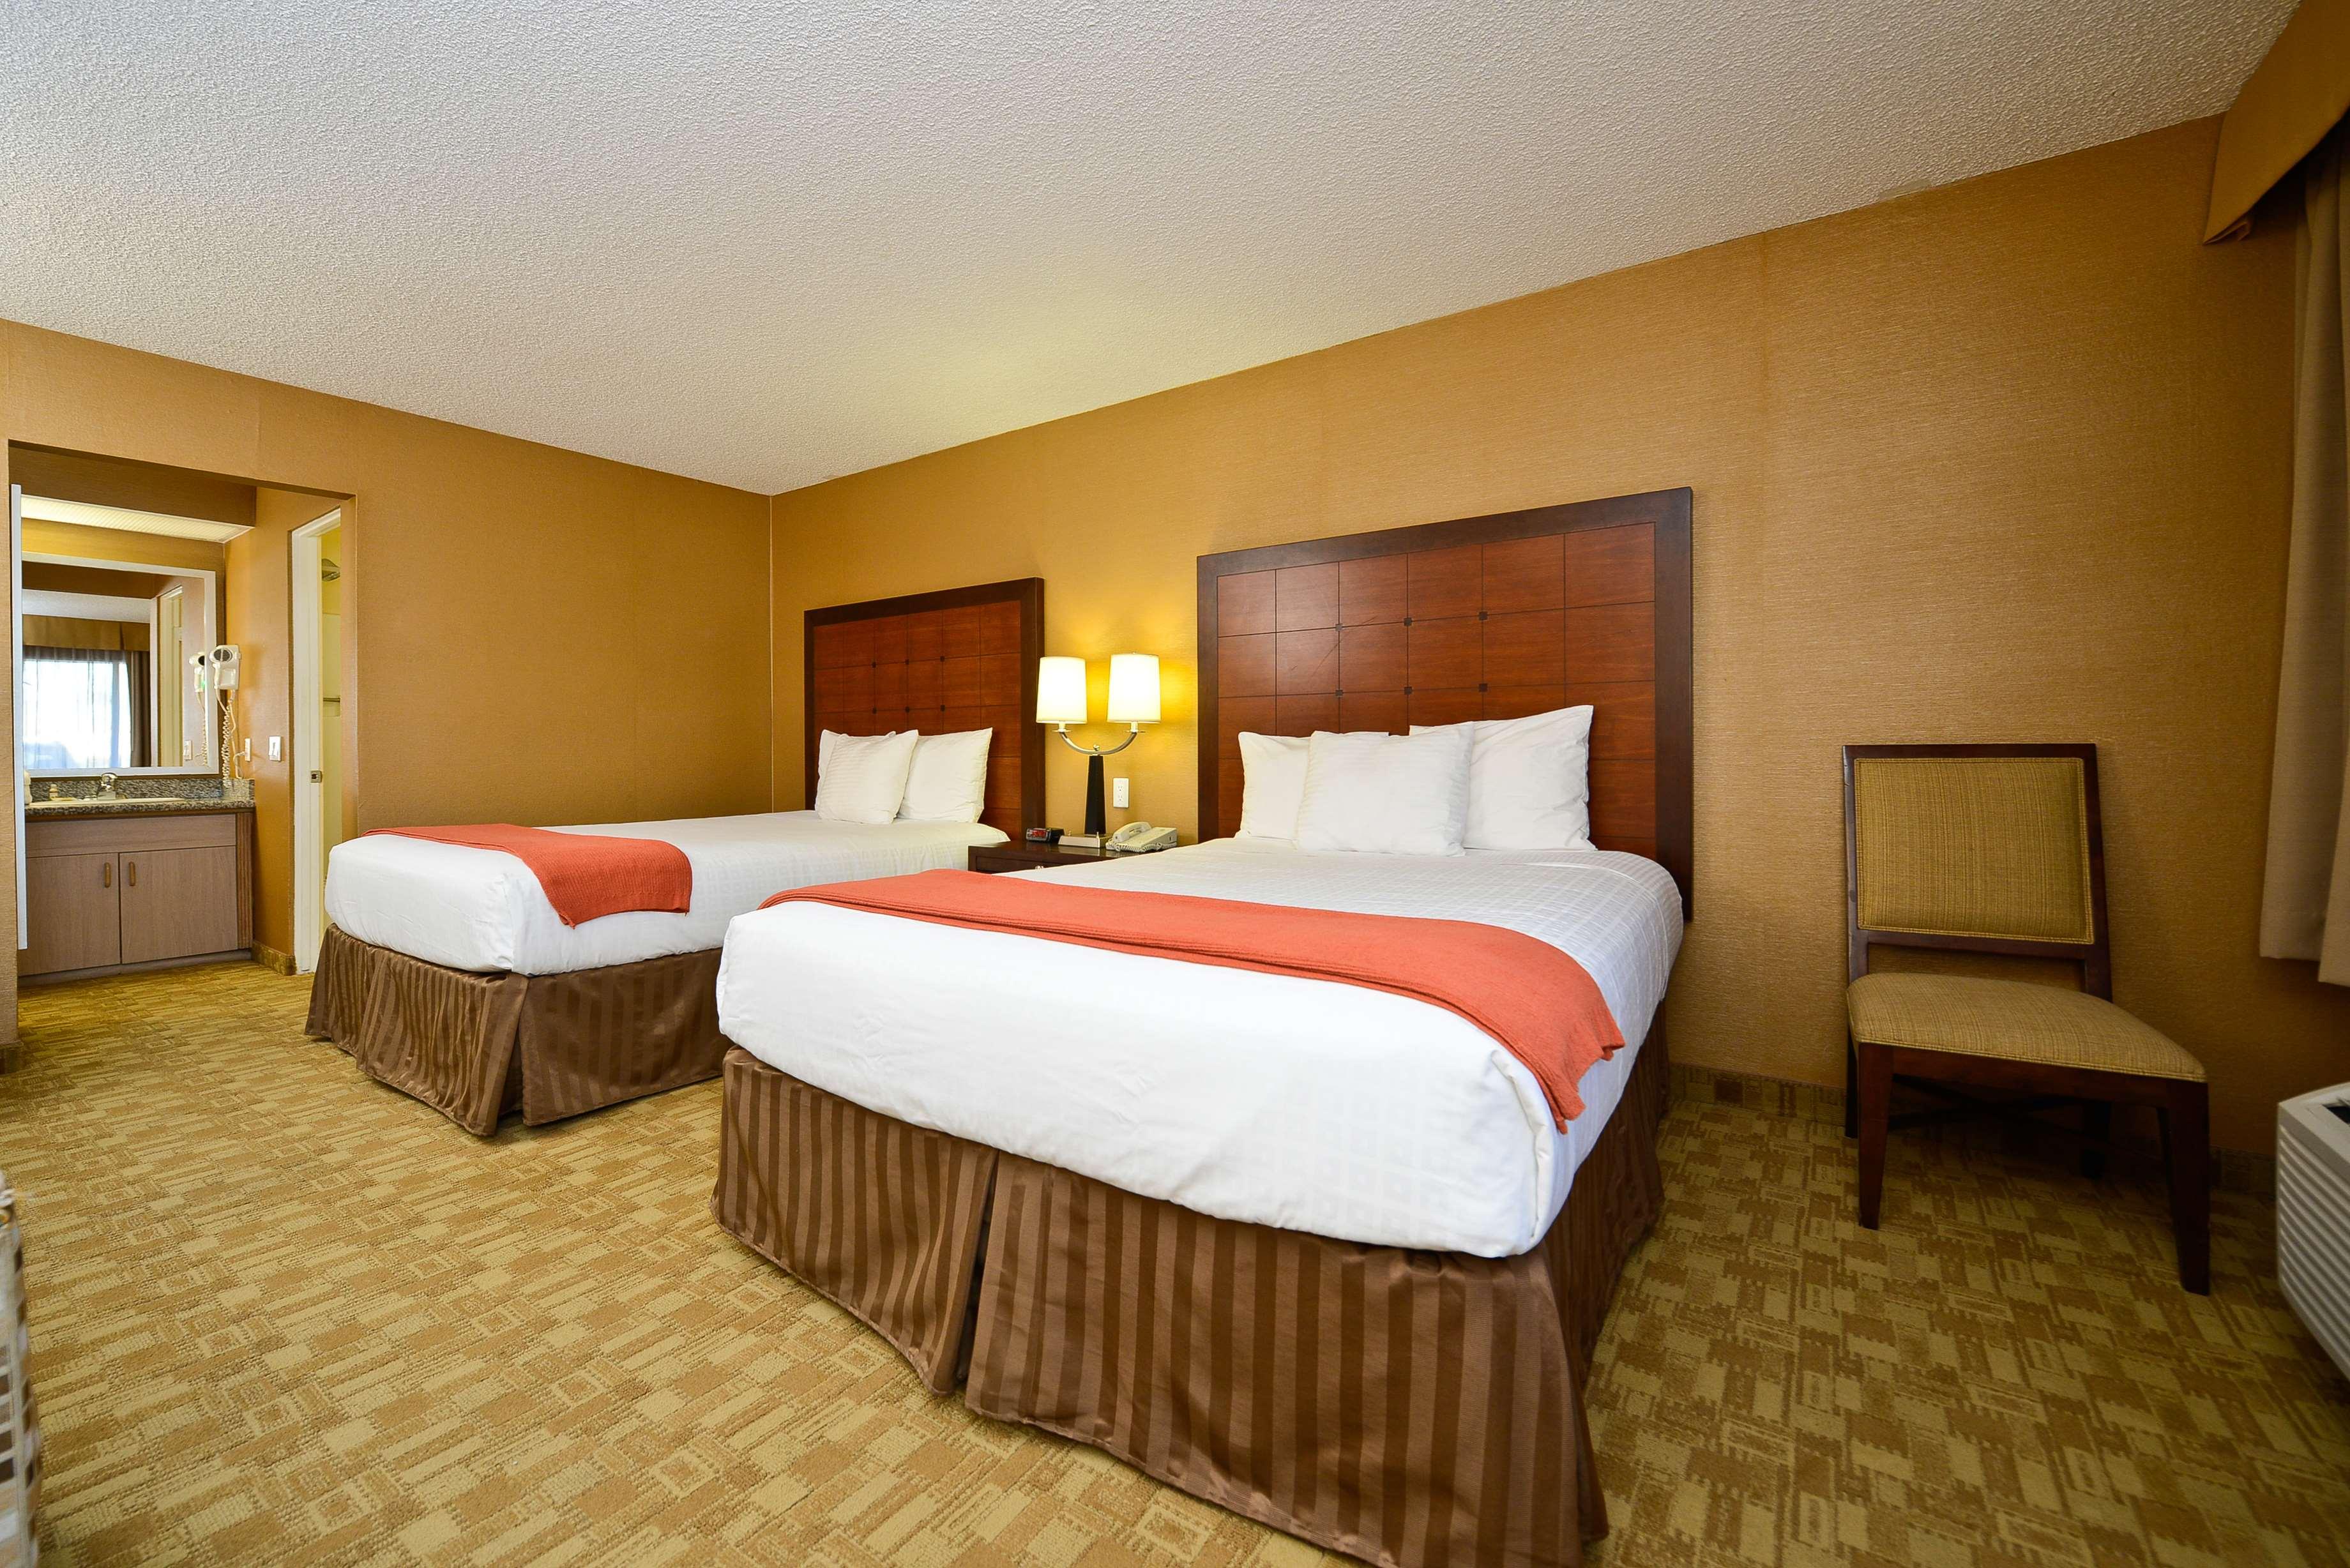 Best Western Inn at Palm Springs image 25